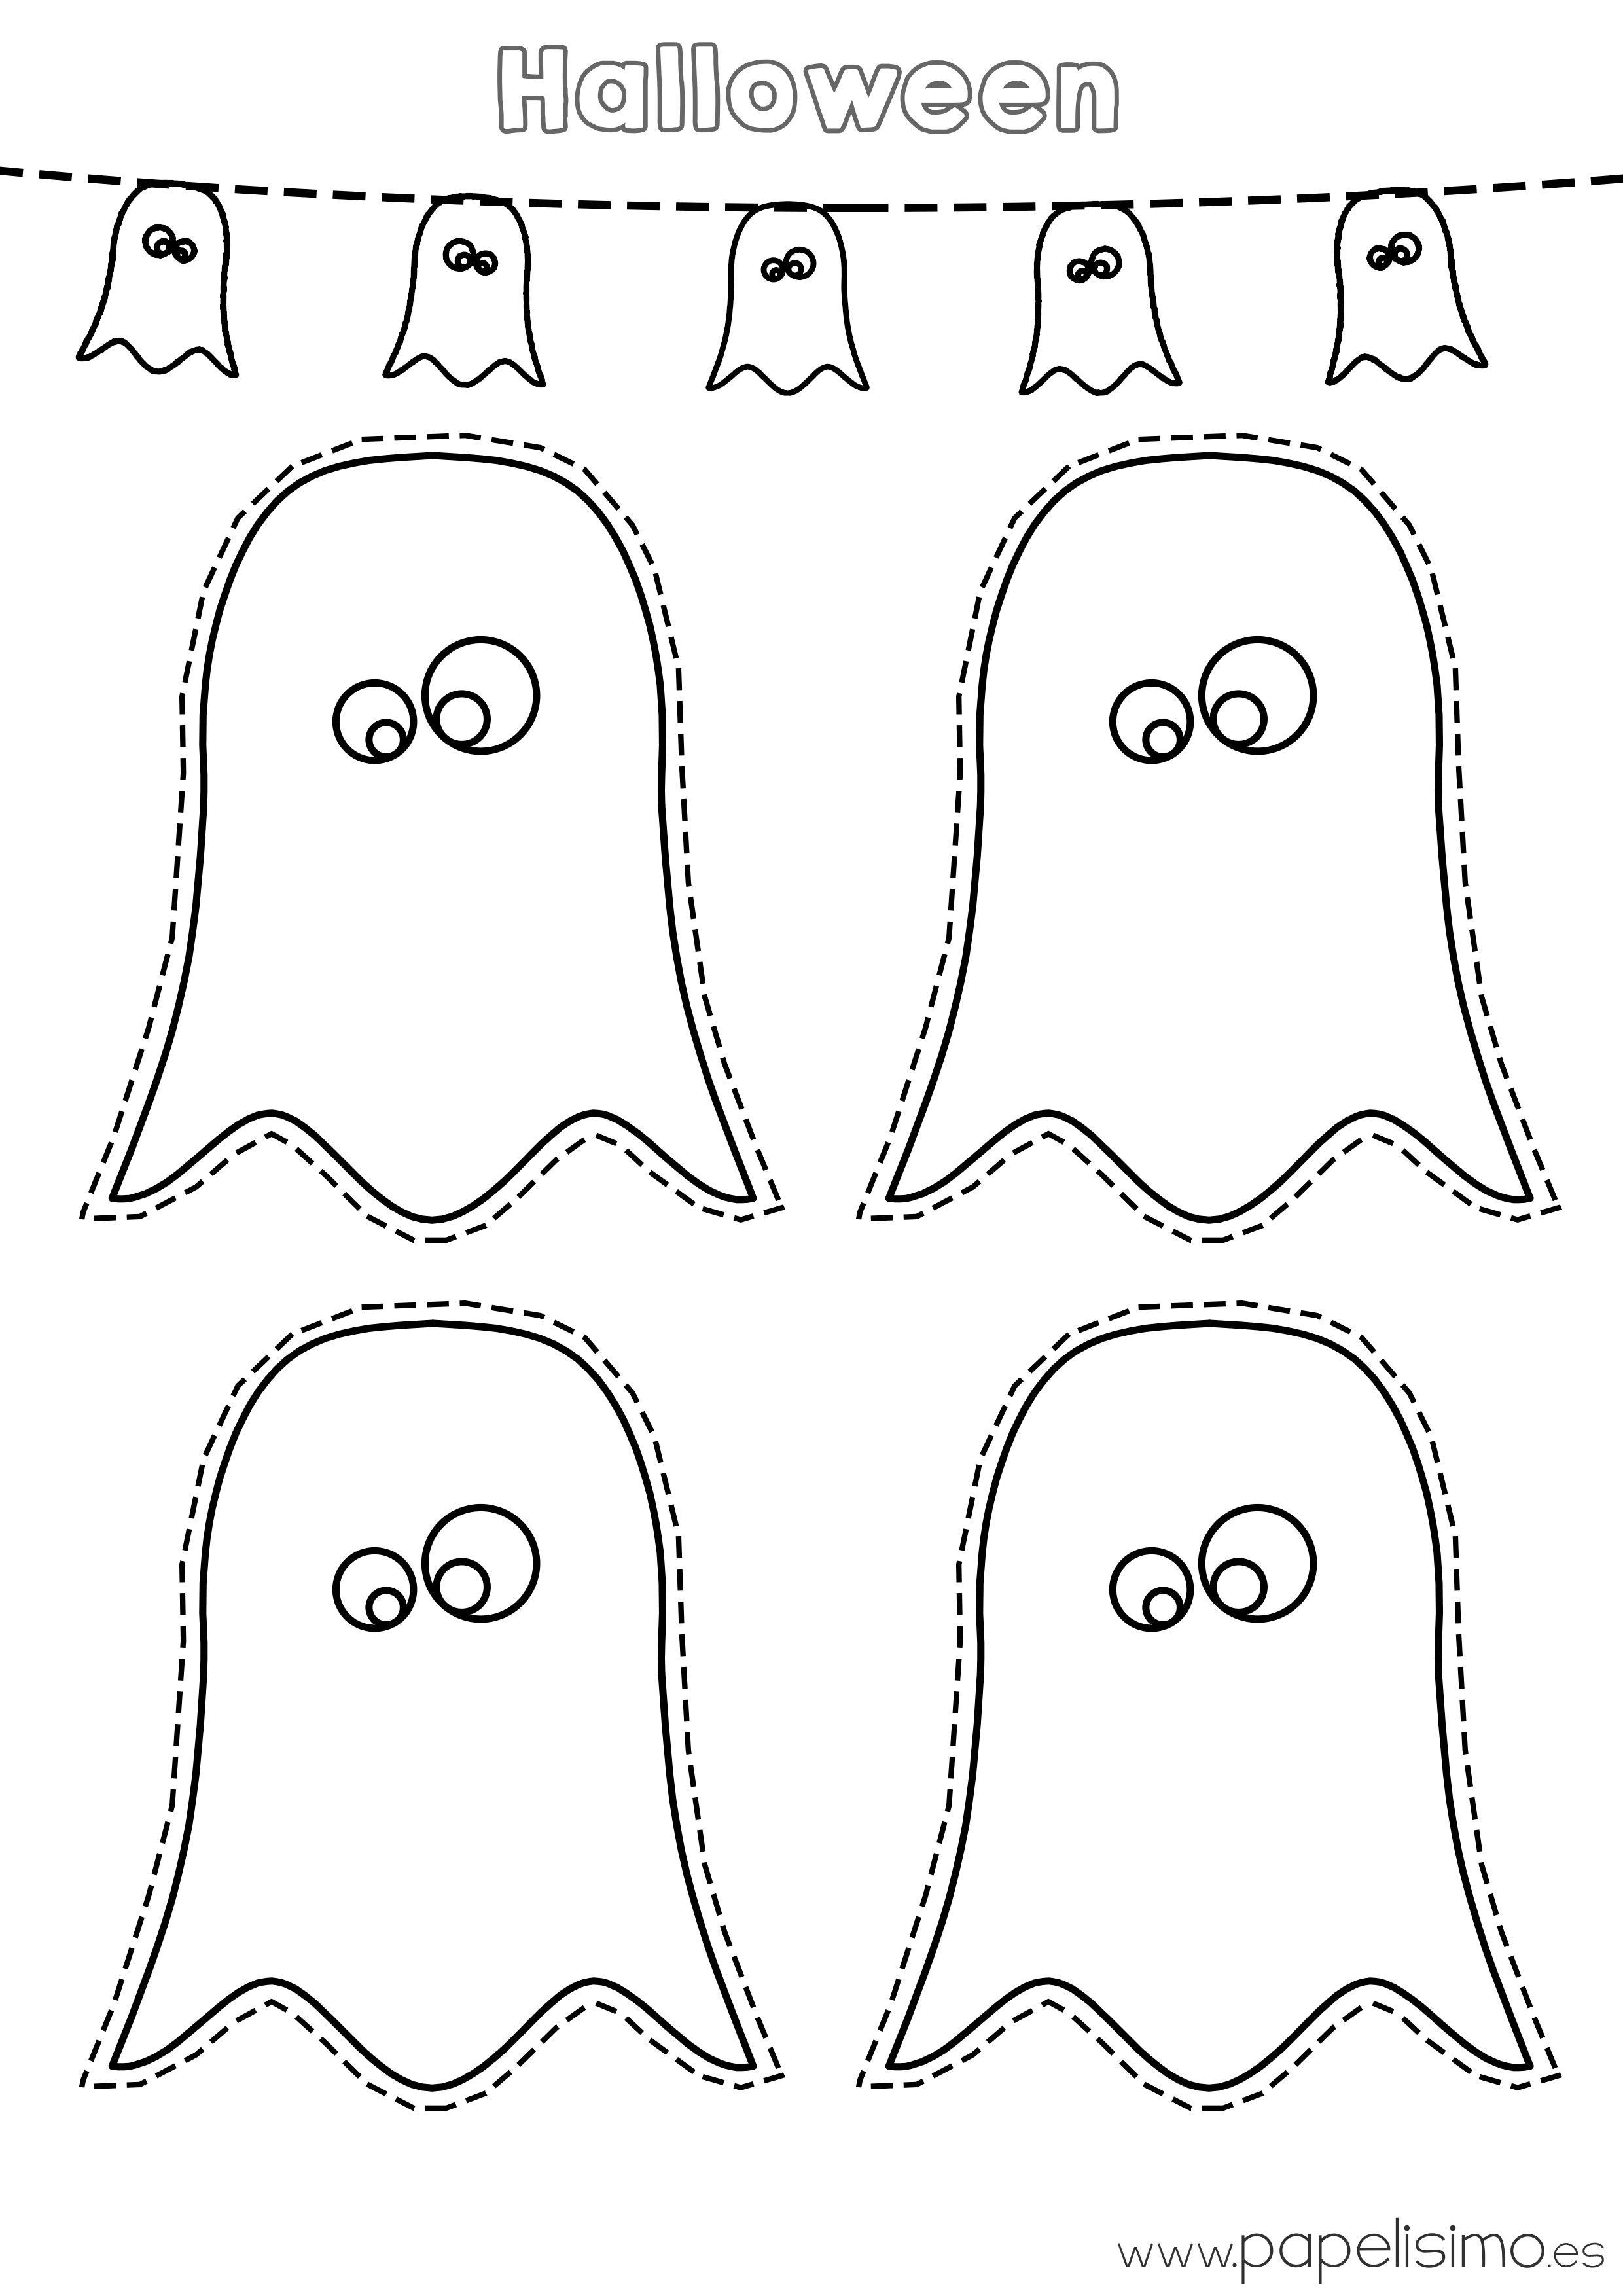 Dibujos-fantasmas-de-Halloween-para-imprimir-y-recortar | Holiday ...